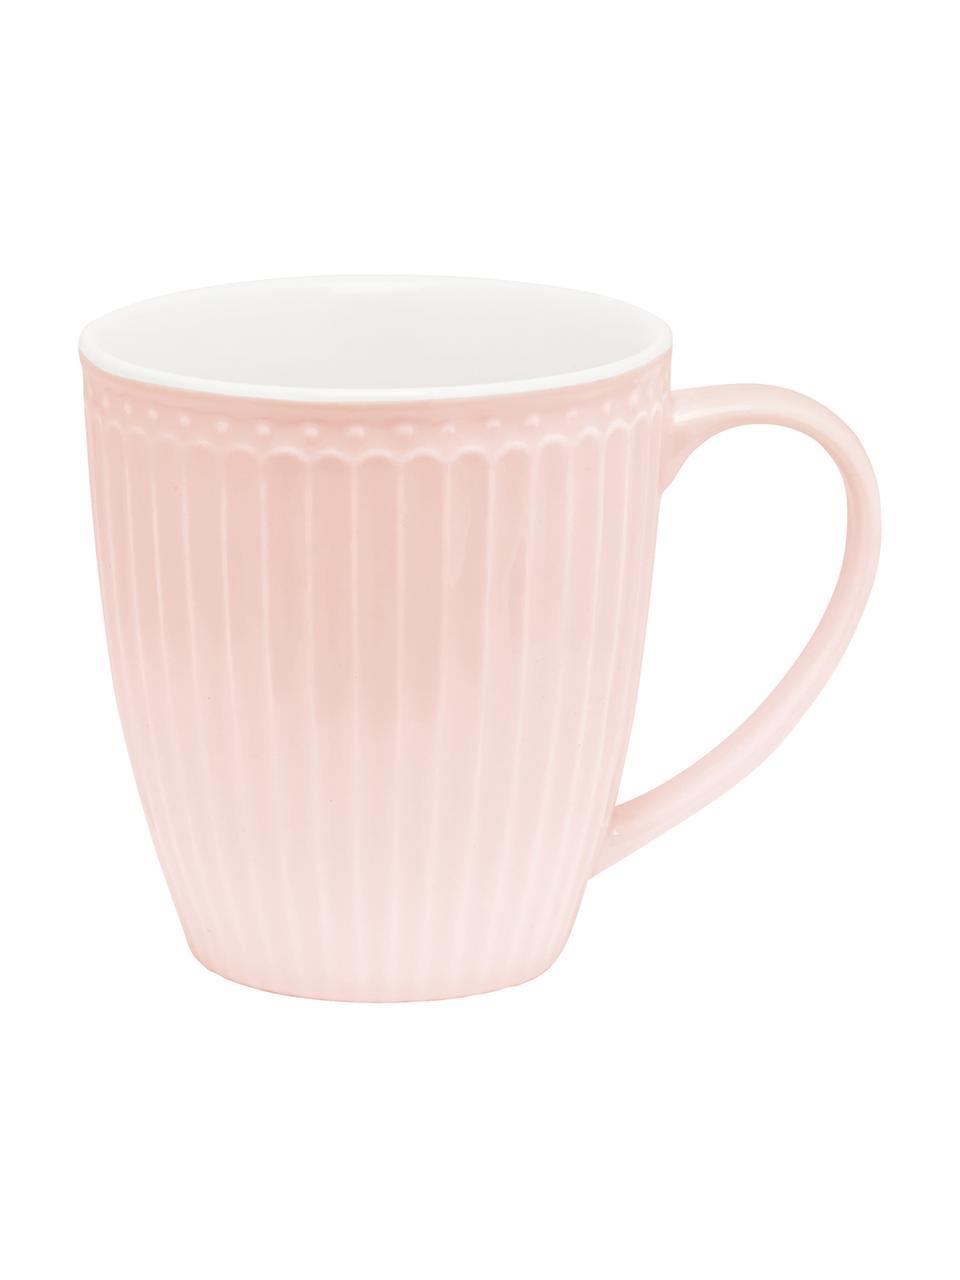 Tasses en porcelaine Alice, 2pièces, Rose